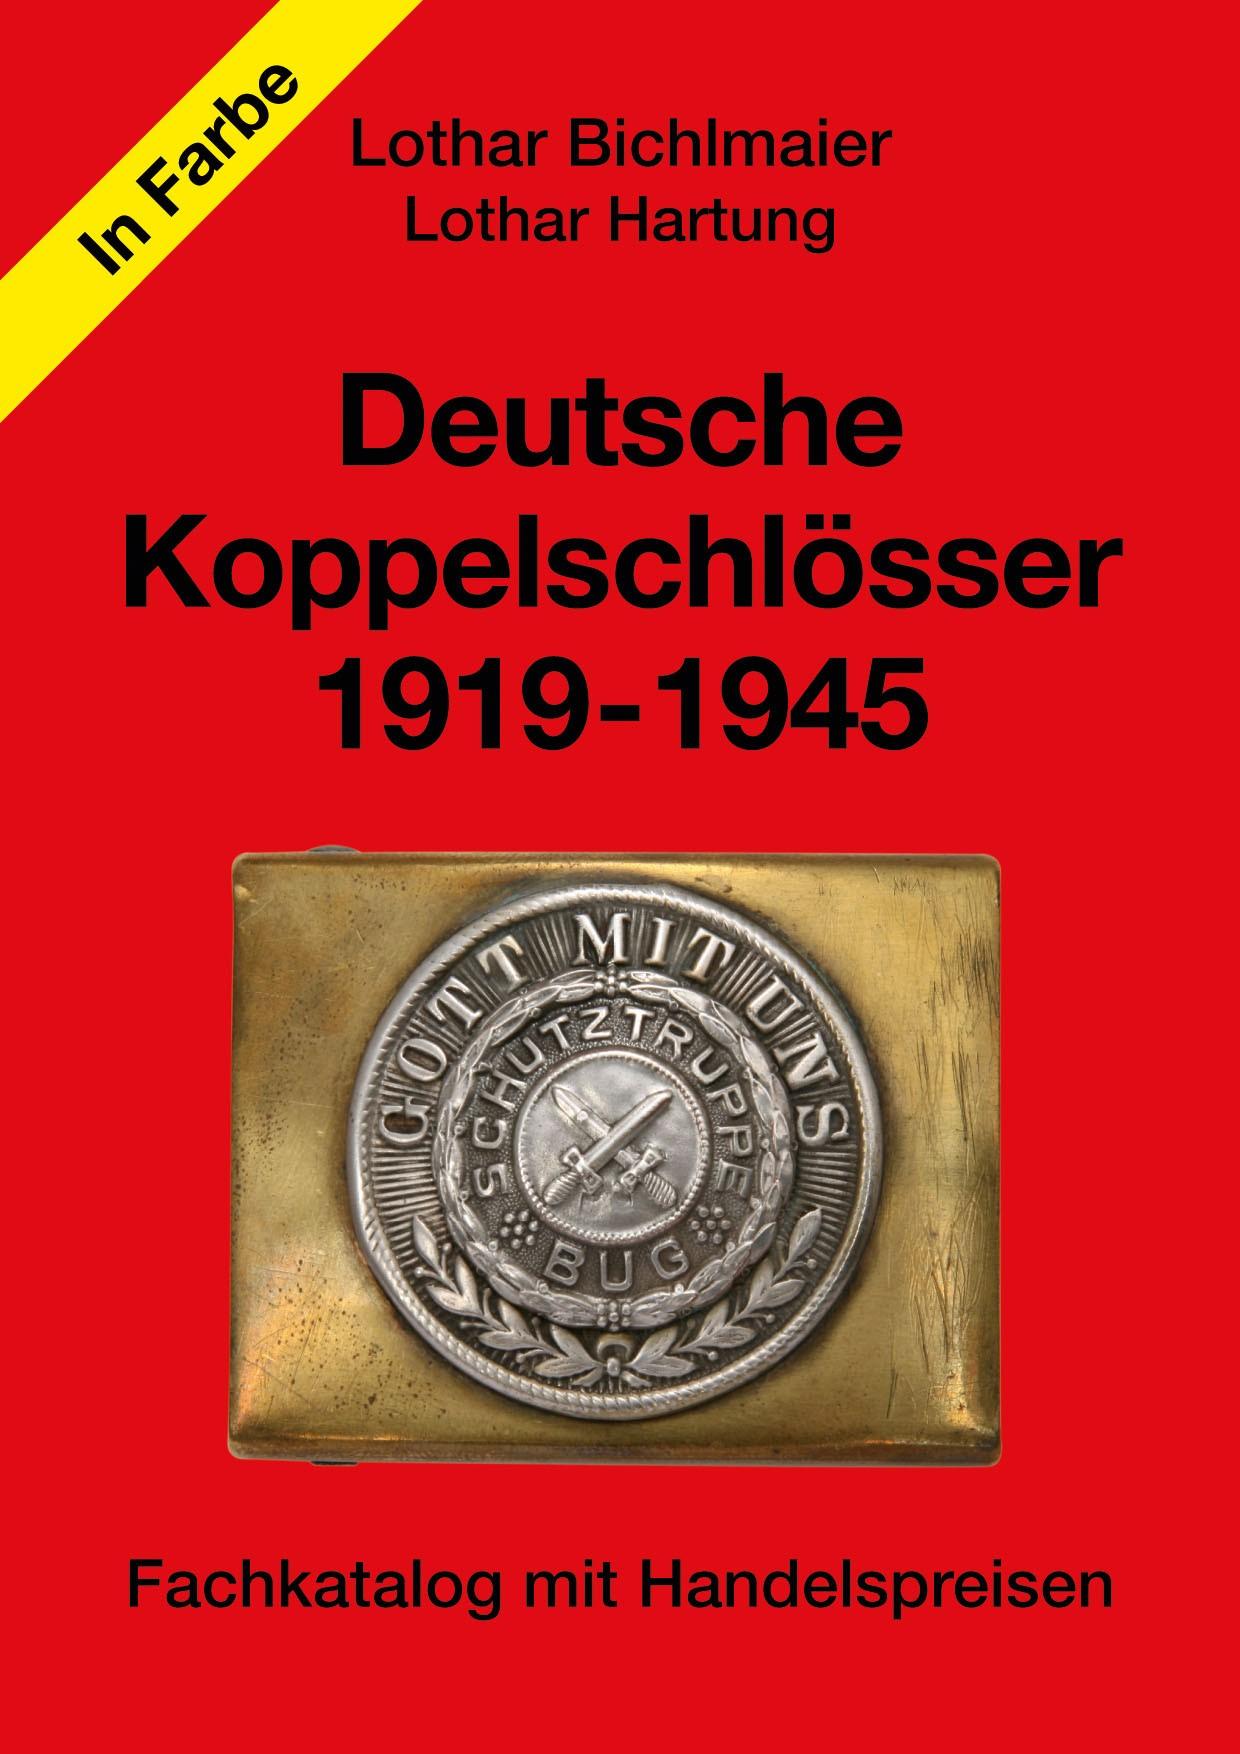 Bichlmaier/Hartung Deutschen Koppelschlösser 1919-45